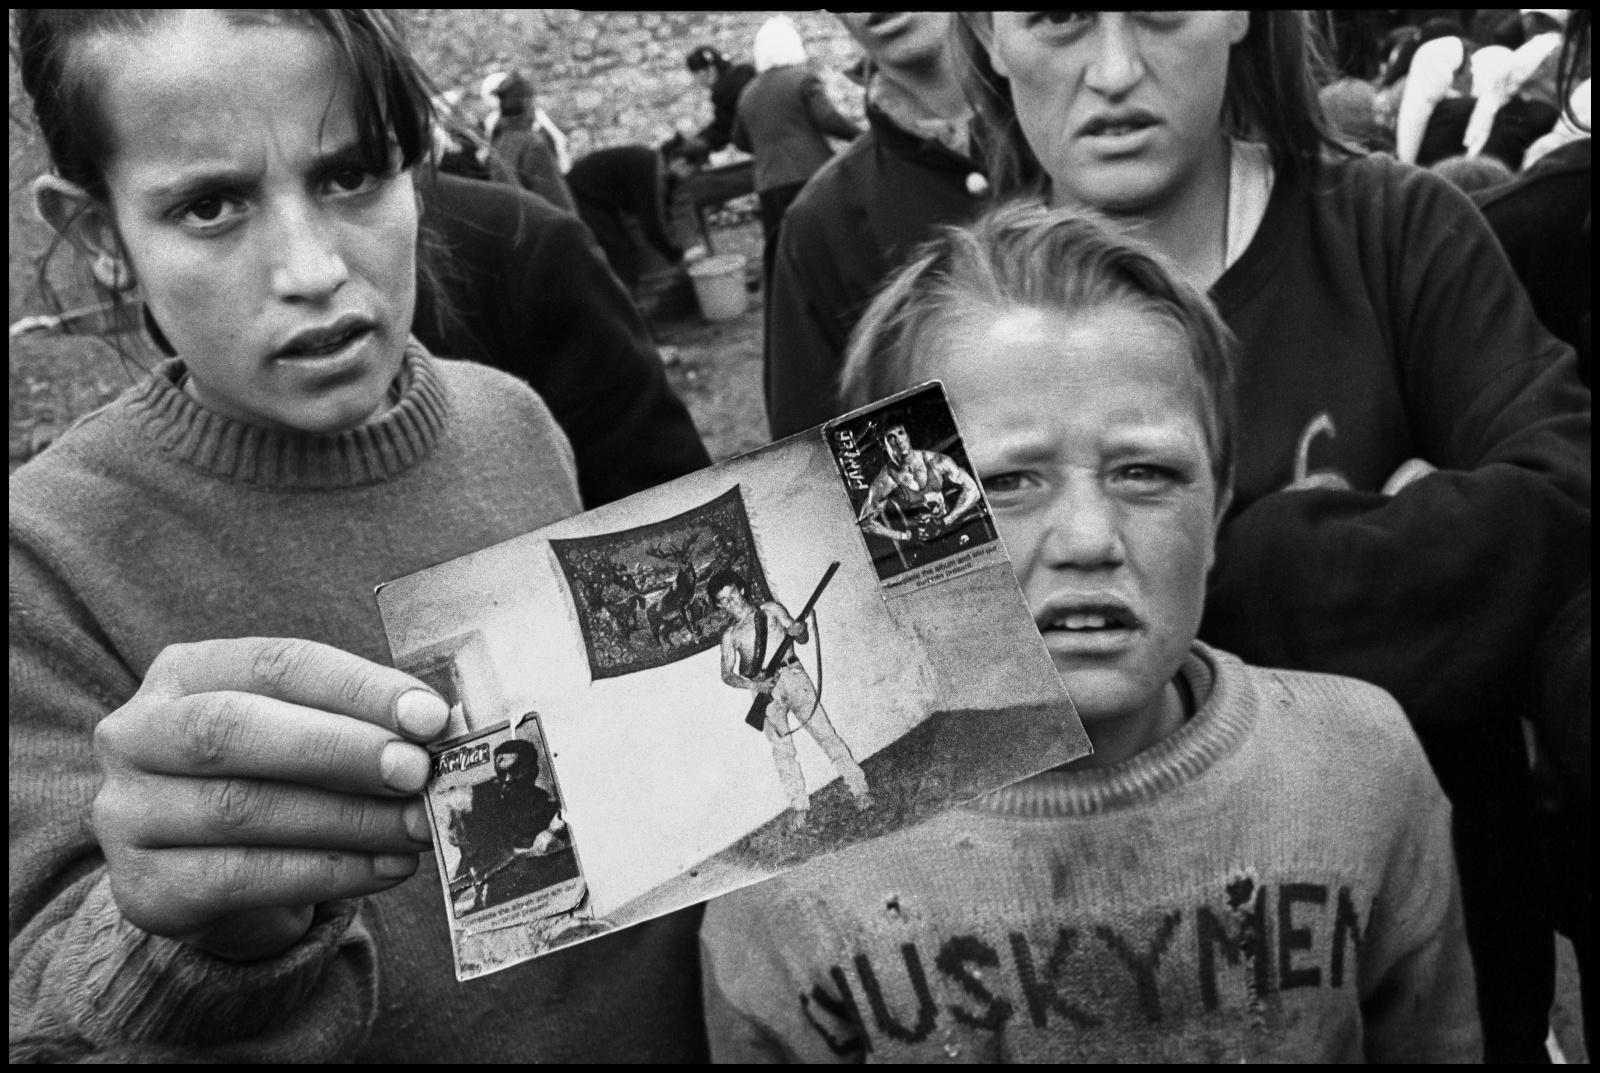 Albania 1997, durante la rivolta popolare dovuta al crollo delle imprese finanziarie piramidali, il paese si è trovato allo sbando e nelle mani delle bande di criminali.  Alcune mamme piangono i propri figli morti per nell'esplosione della base militare di Qafa Shatama nel villaggio di montagna di Selite